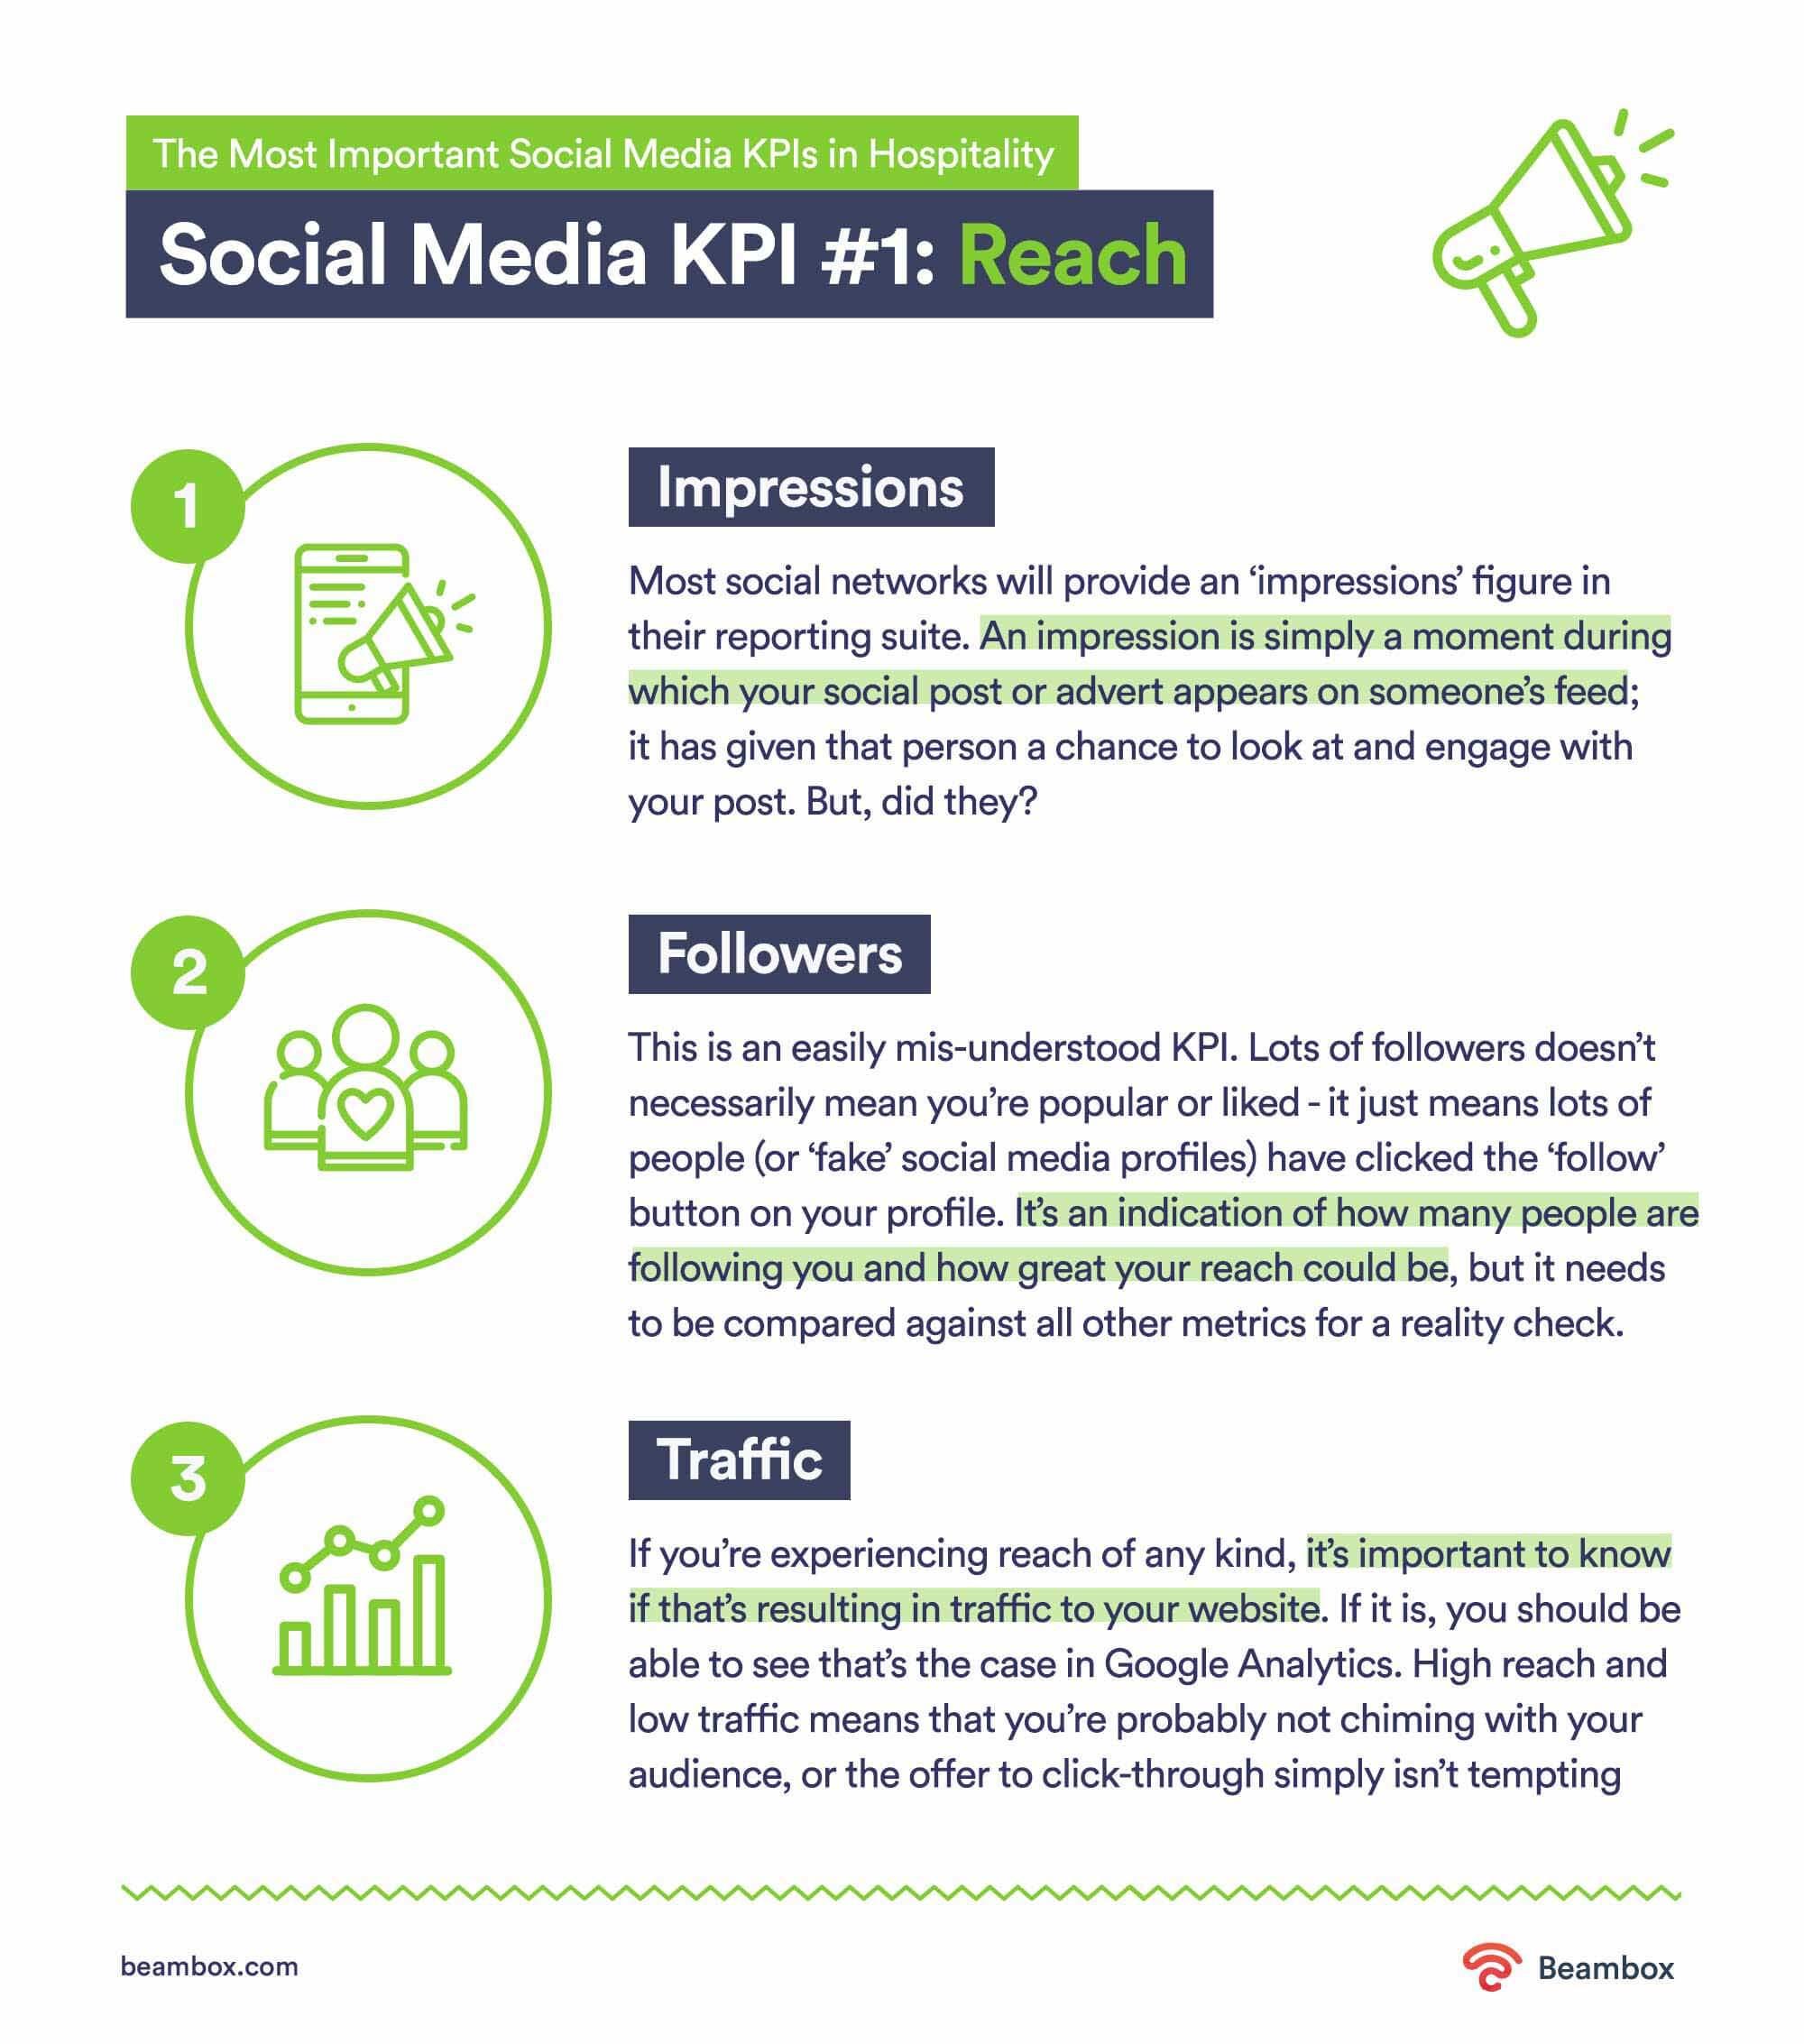 reach social media KPI examples